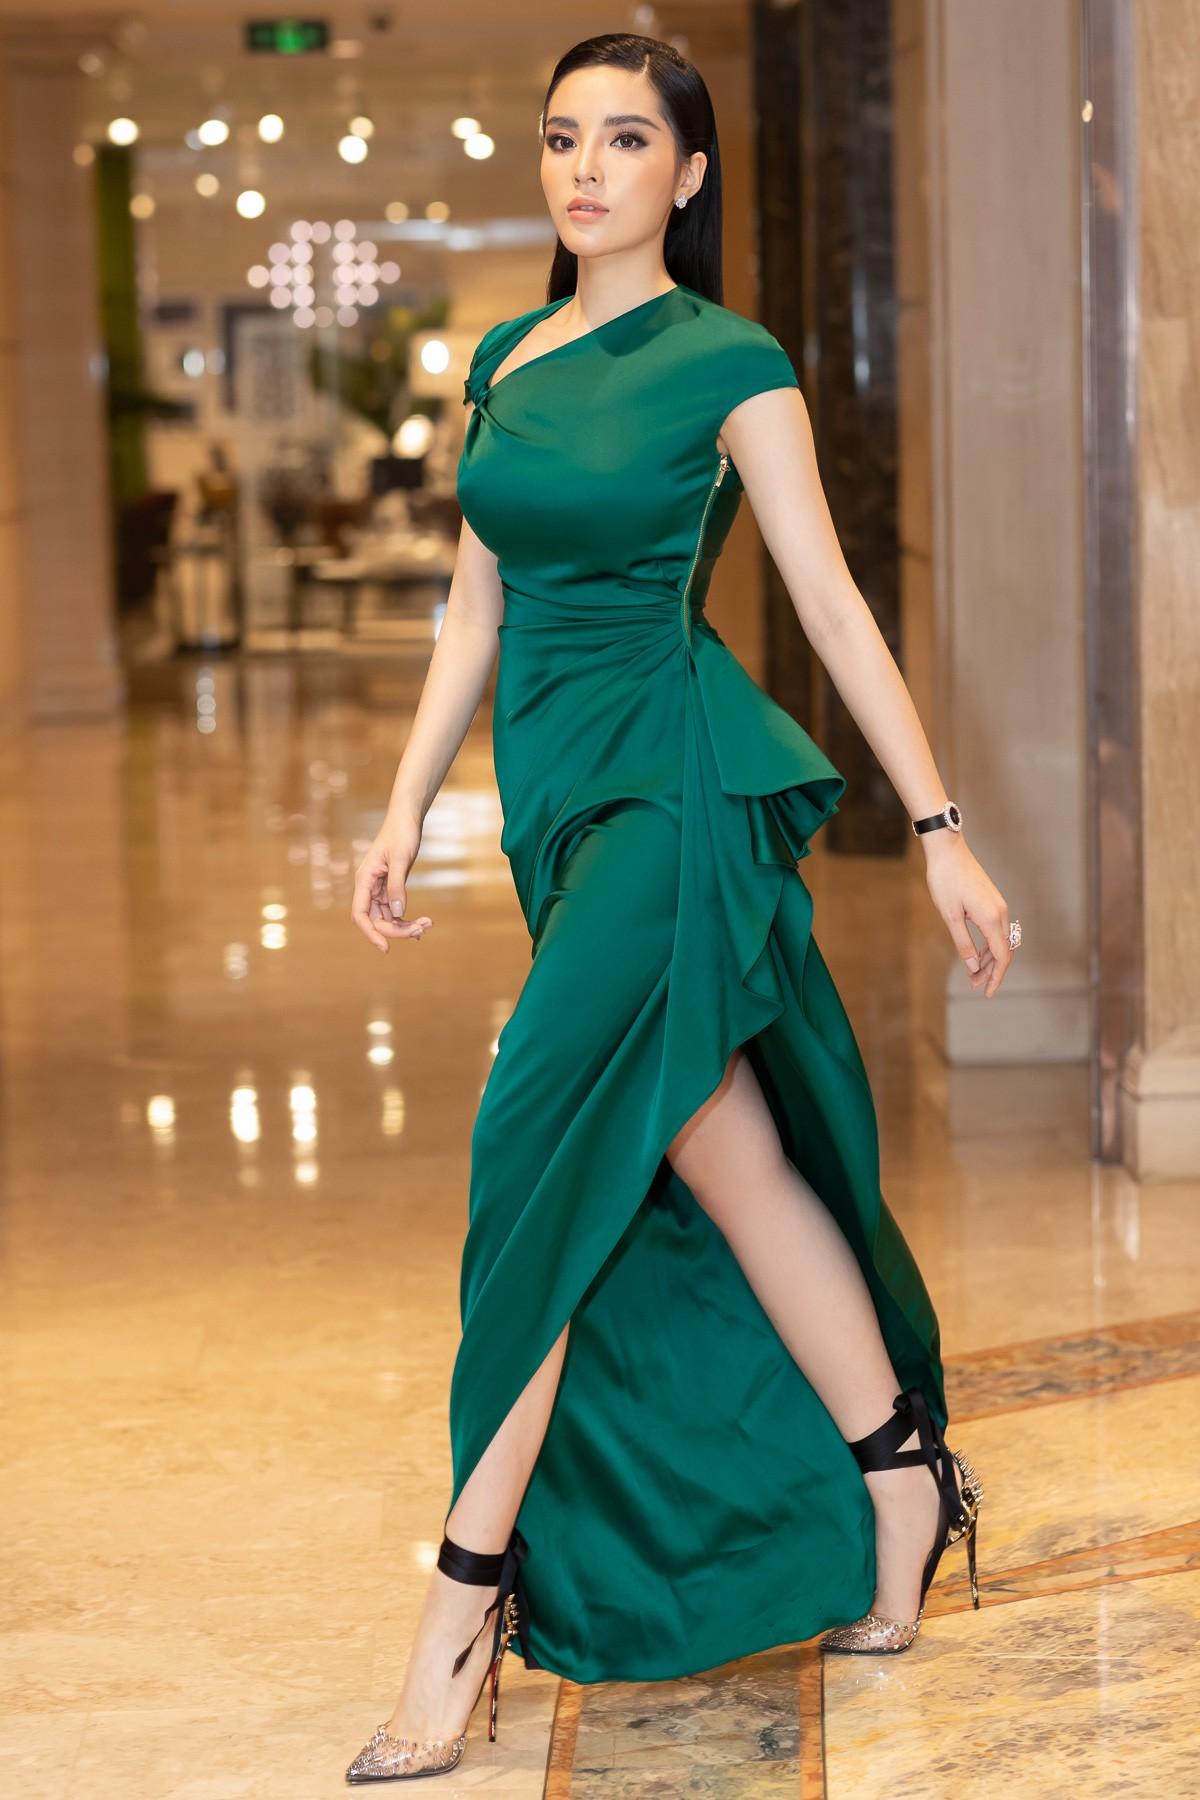 Hoa hậu Kỳ Duyên gây chú ý khi đắp hàng hiệu hơn 3 tỷ đồng đi sự kiện - Ảnh 4.